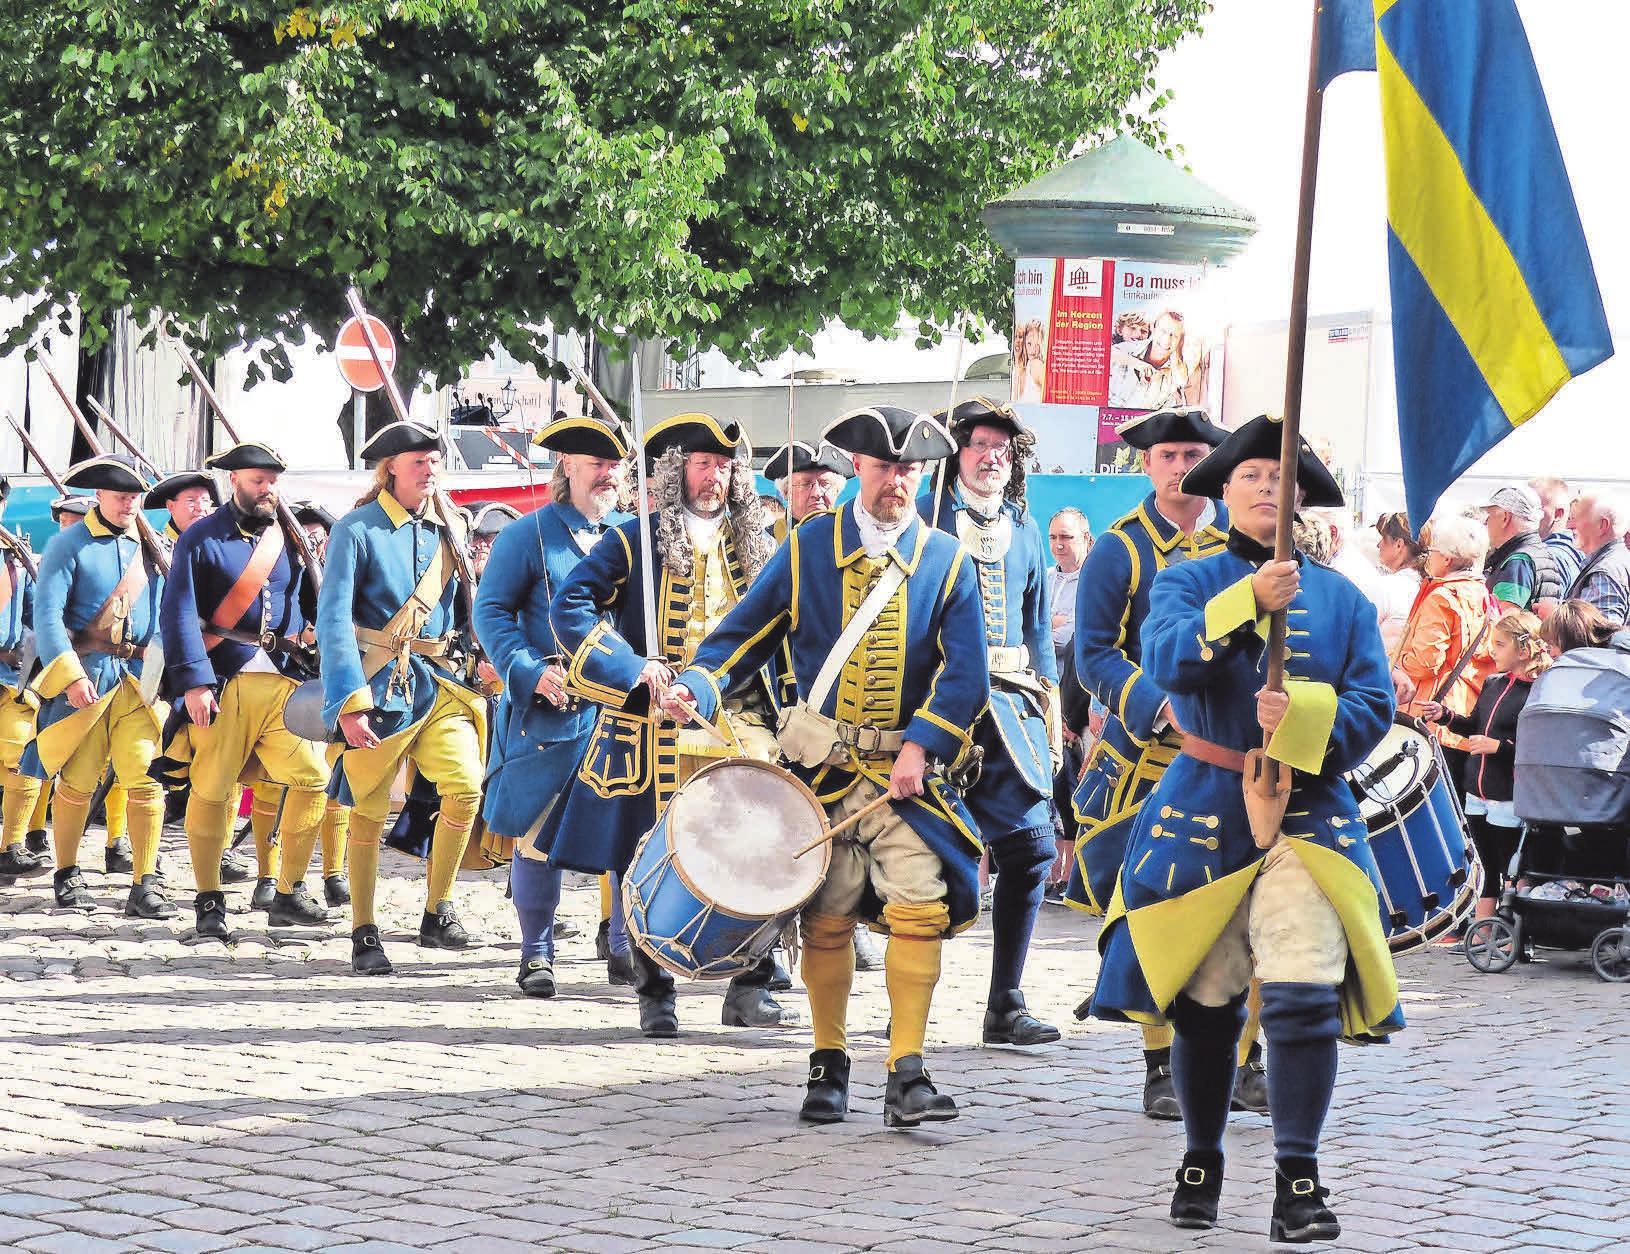 Höhepunkt des Schwedenfestes wird auch in diesem Jahr der am Sonntag stattfindende historische Umzug durch die Stadt sein. Foto: Pressestelle der Hansestadt Wismar, Martin Börner